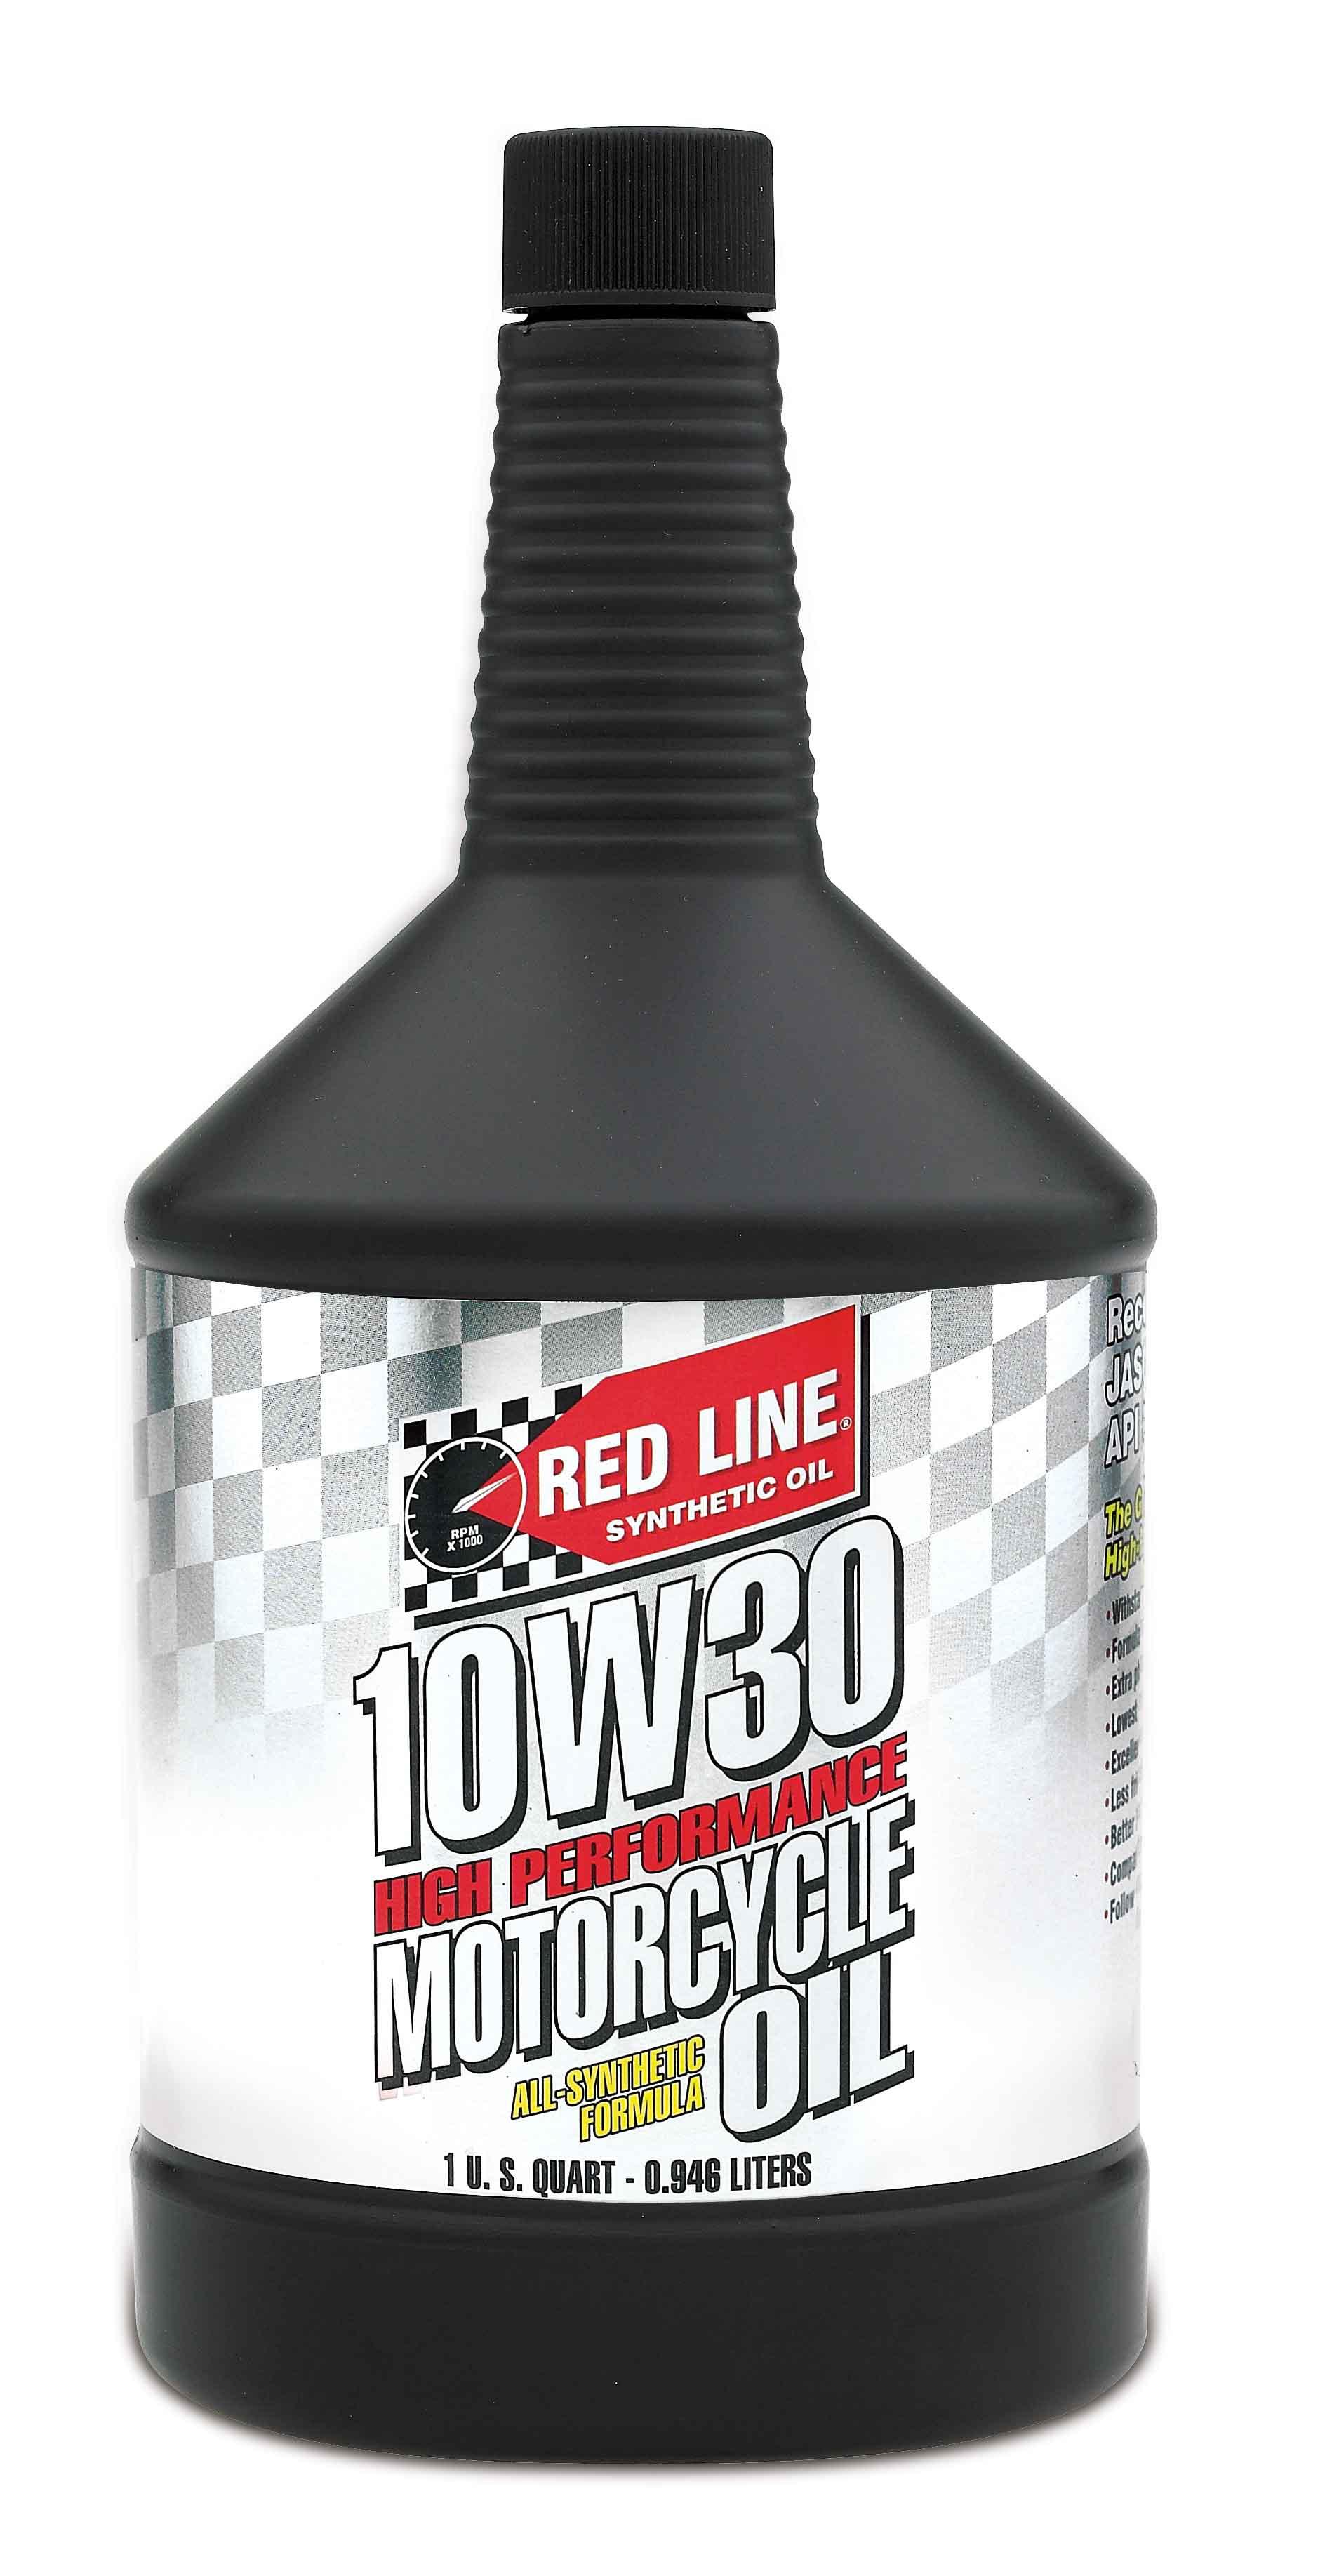 Redline motor oil vs royal purple for Motor oil for motorcycles